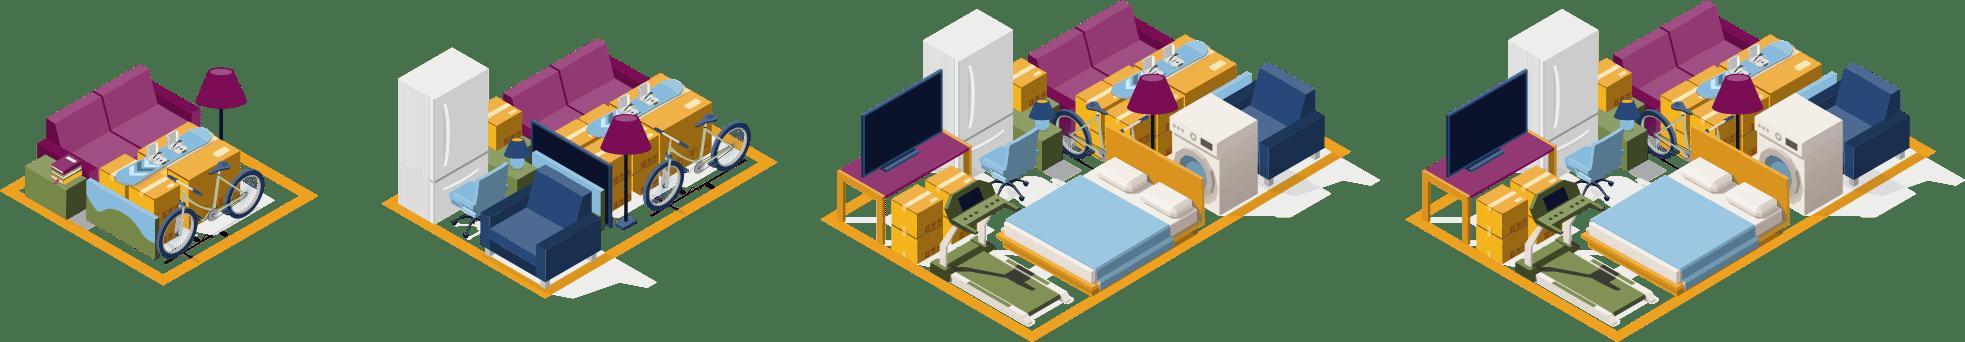 Small, medium, large and extra large storage units